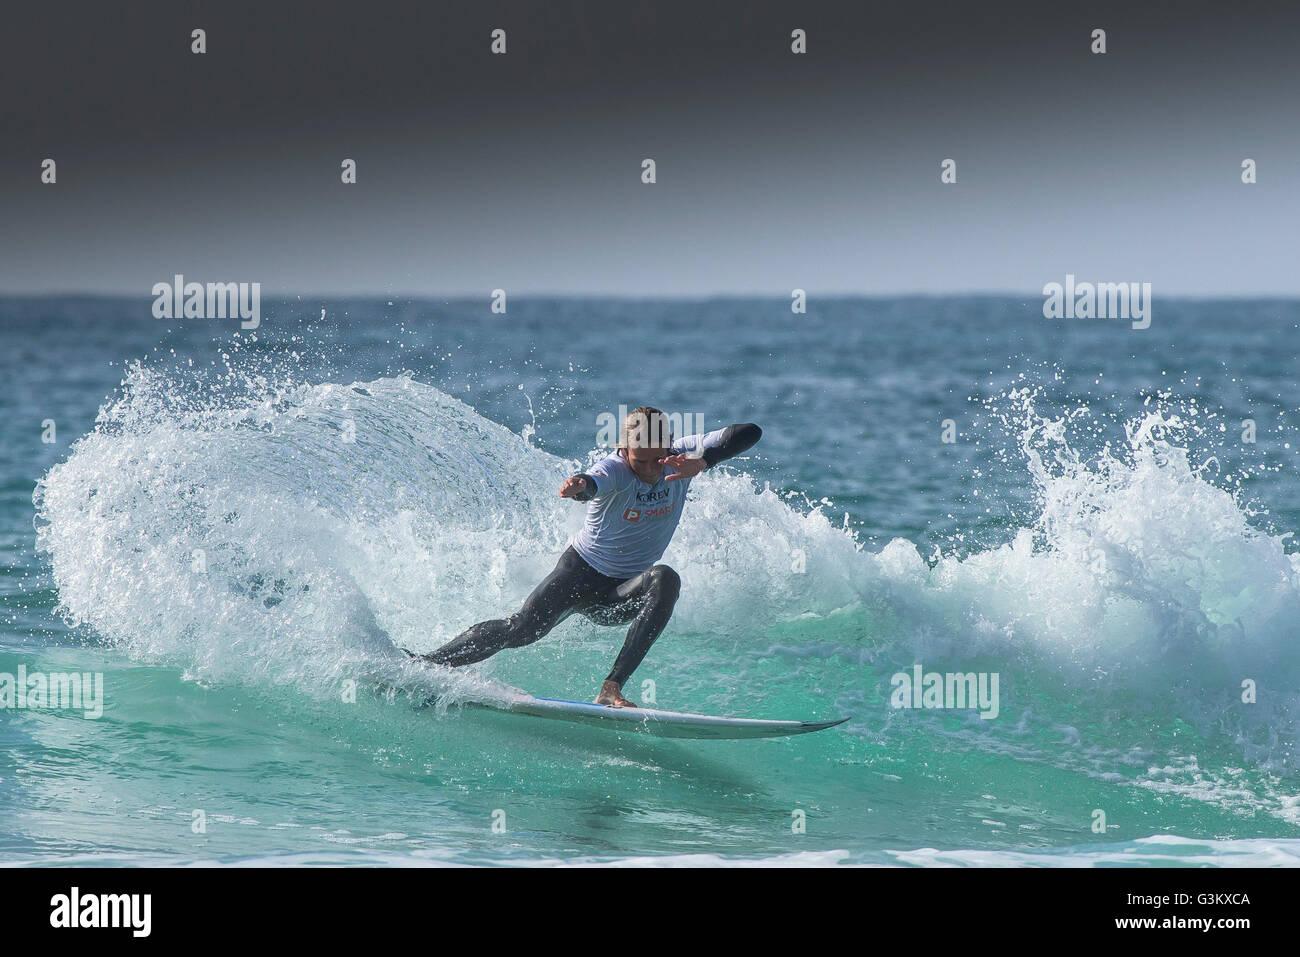 Ein Surfer in spektakulären Aktion wie er in einem UK Pro Surf Tour-Wettbewerb am Fistral in Newquay, Cornwall Stockbild